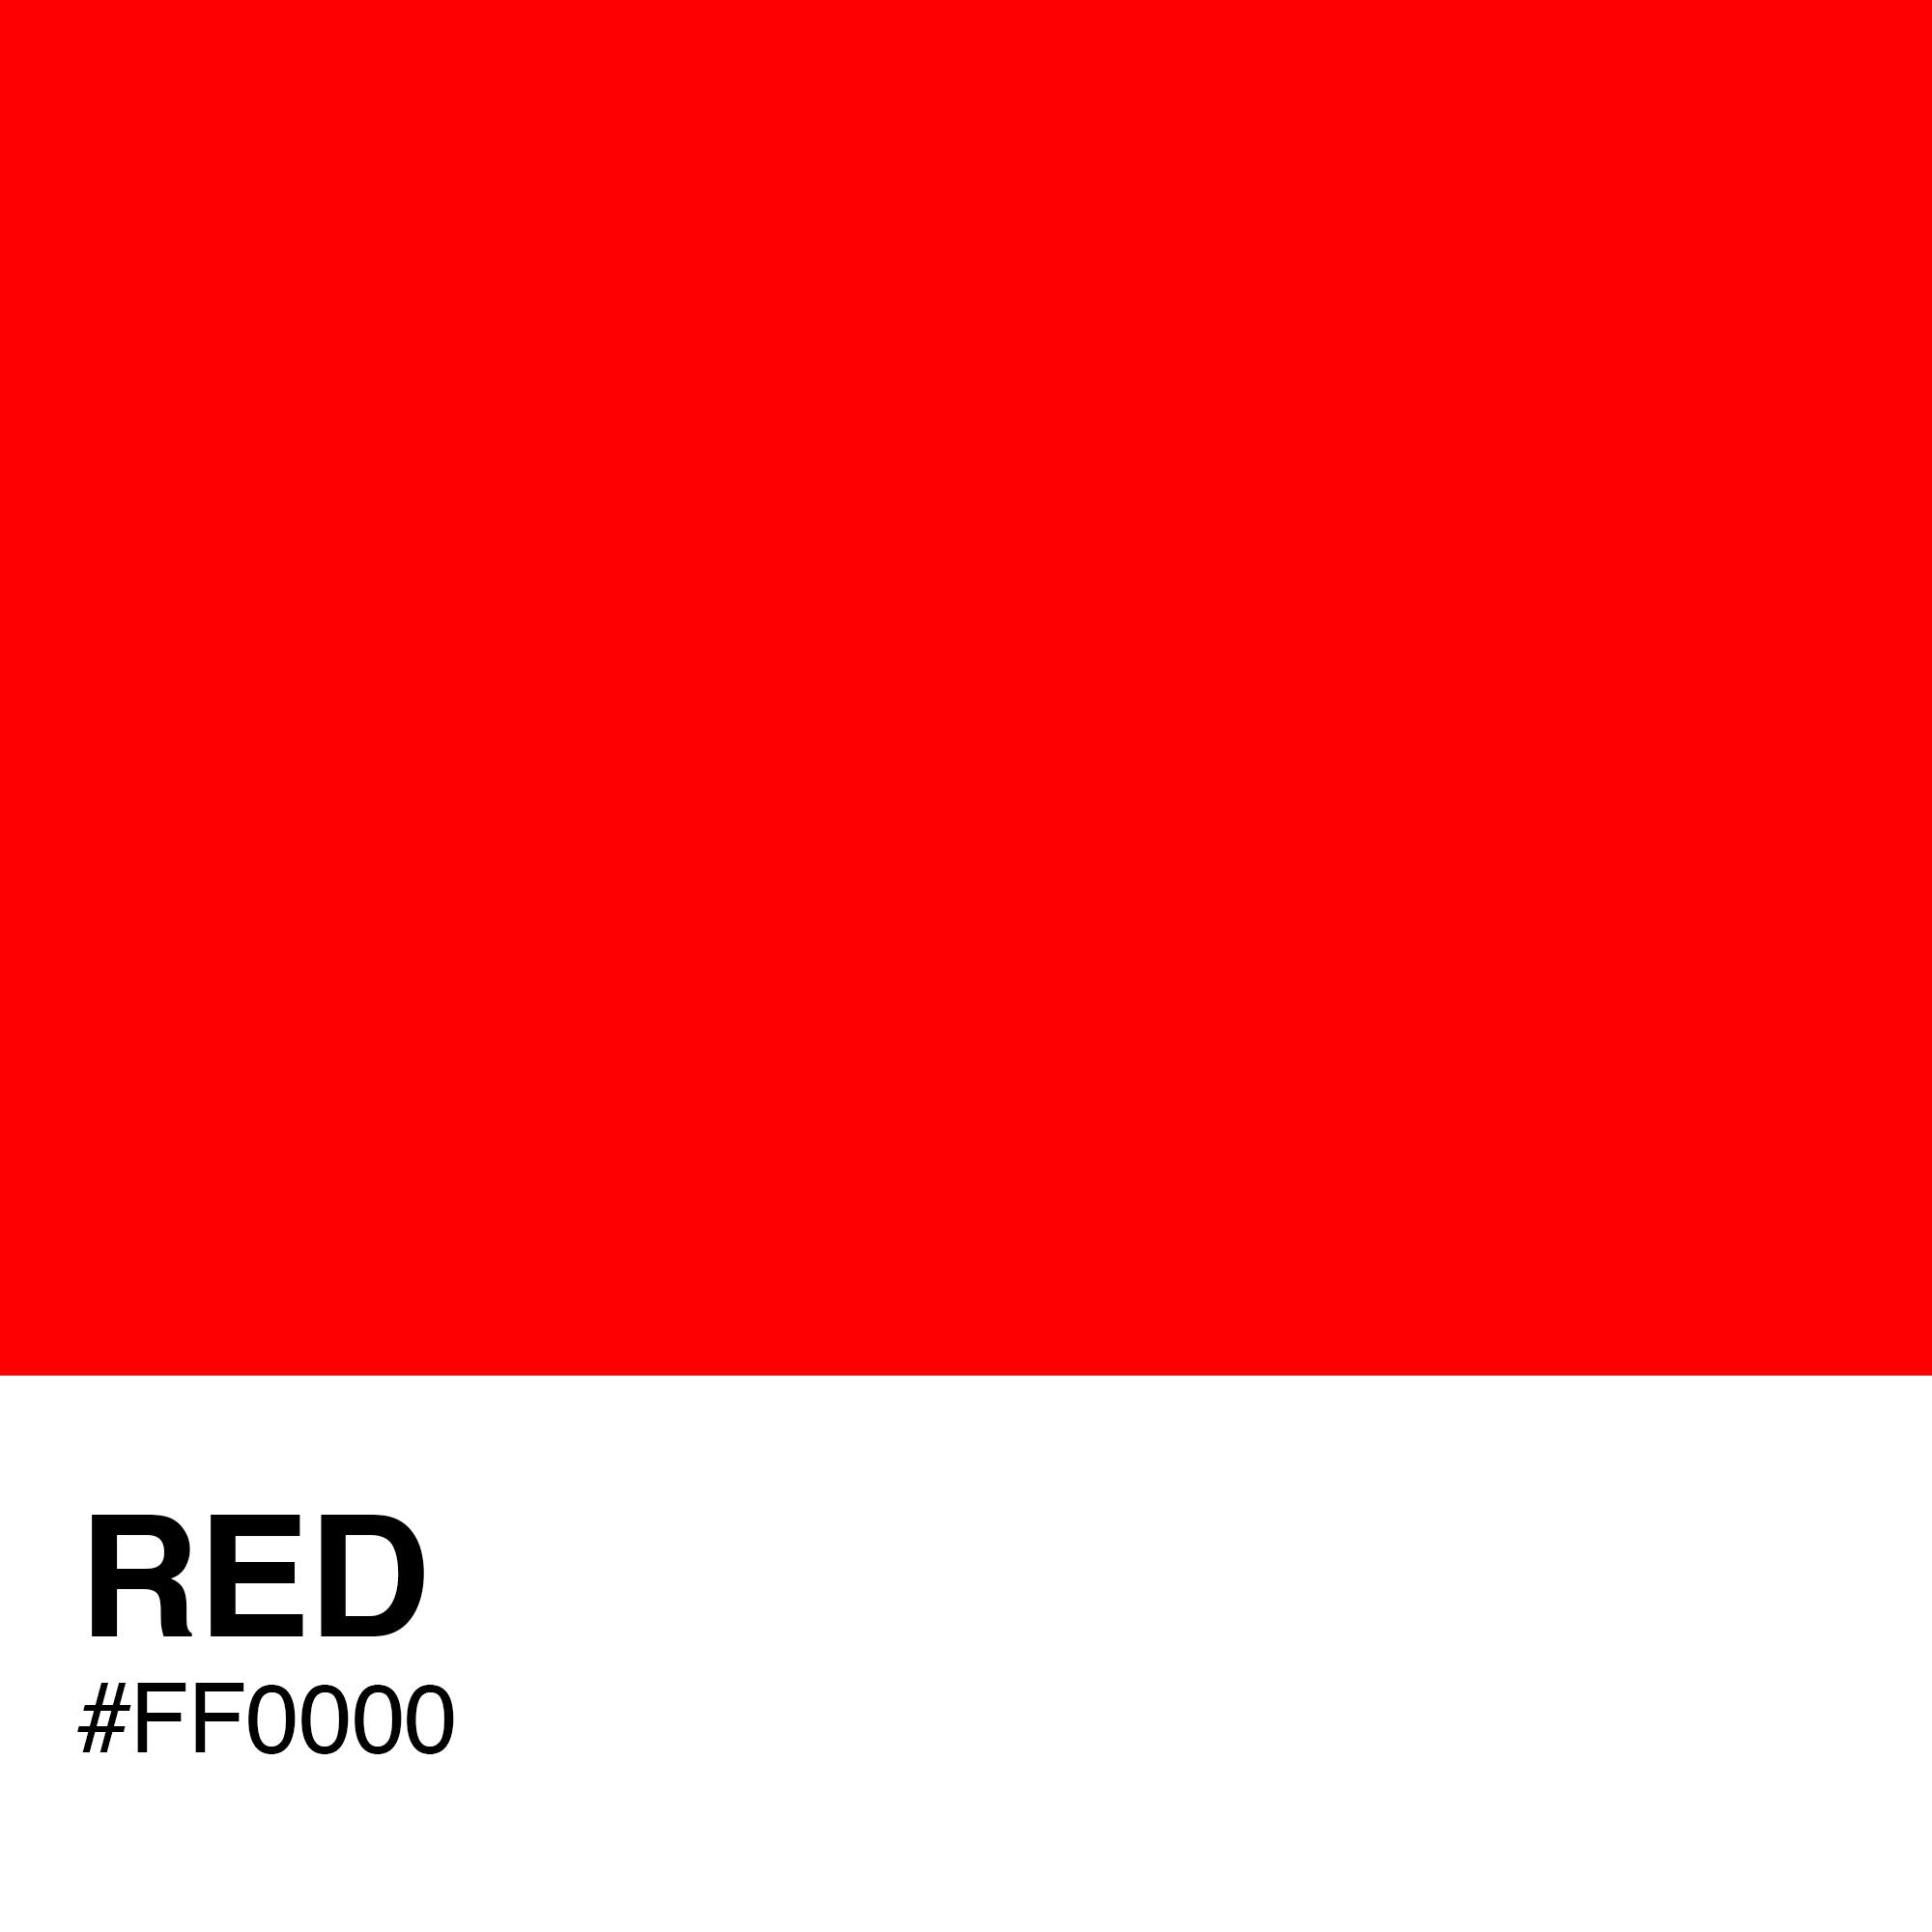 Какой цвет ff0000